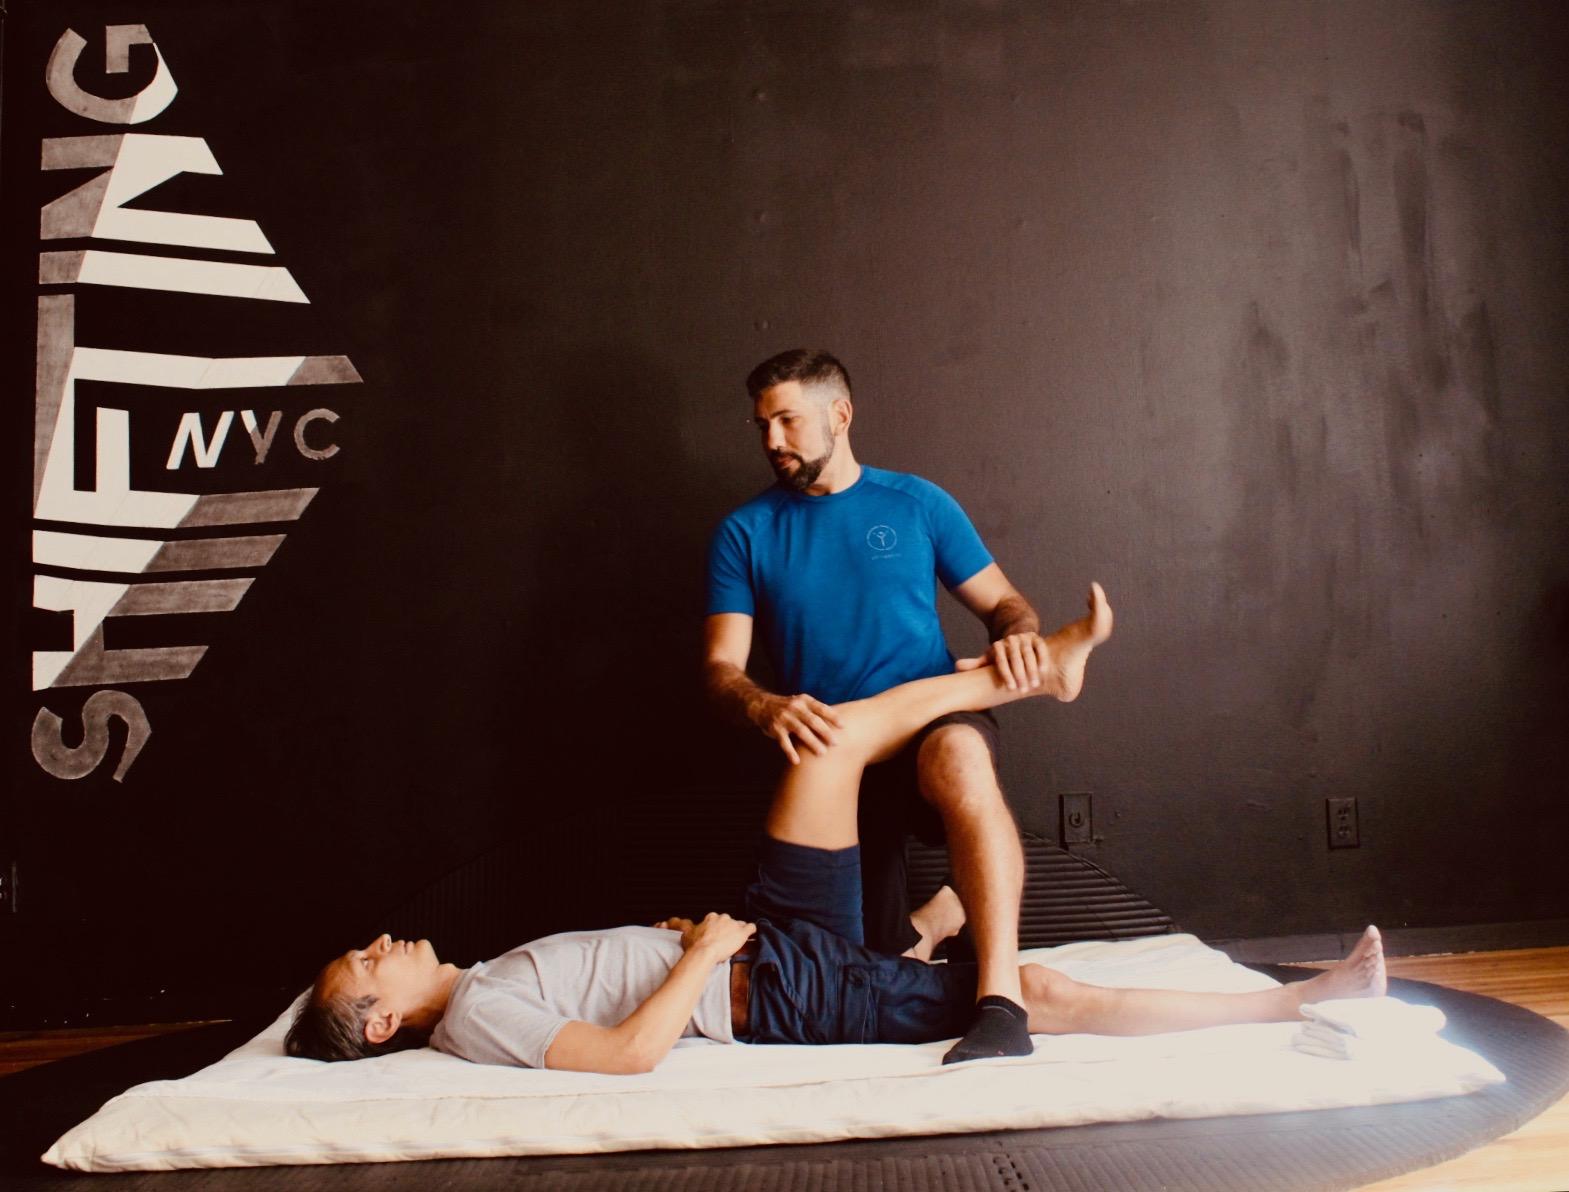 Thai Massage - Energy Work / Soft Tissue Work